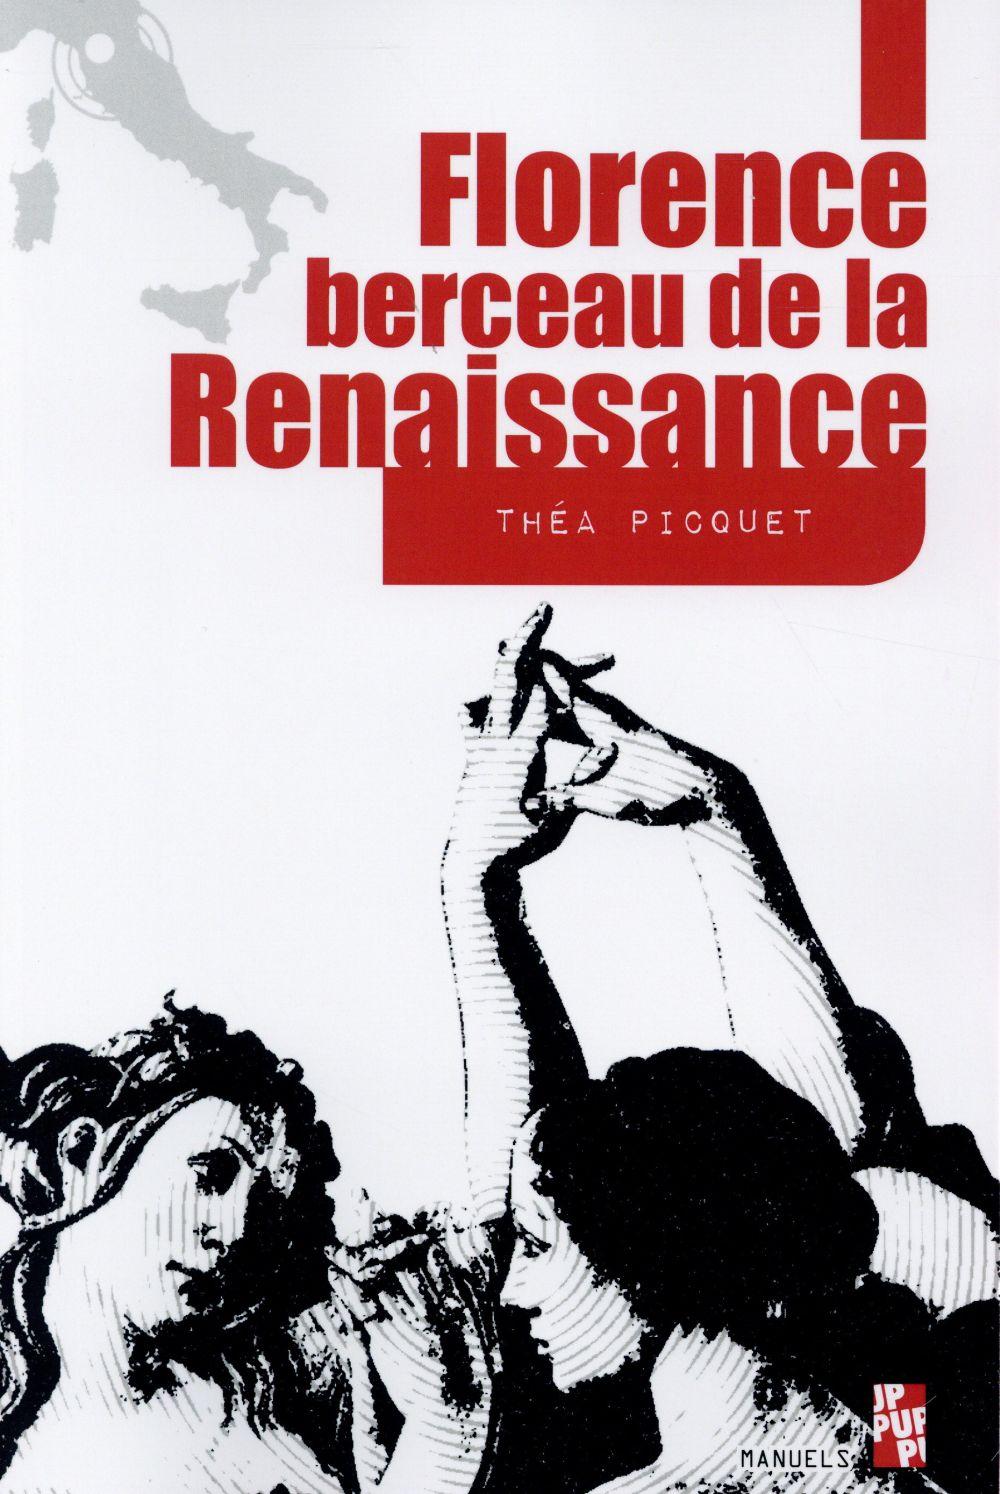 FLORENCE BERCEAU DE LA RENAISSANCE